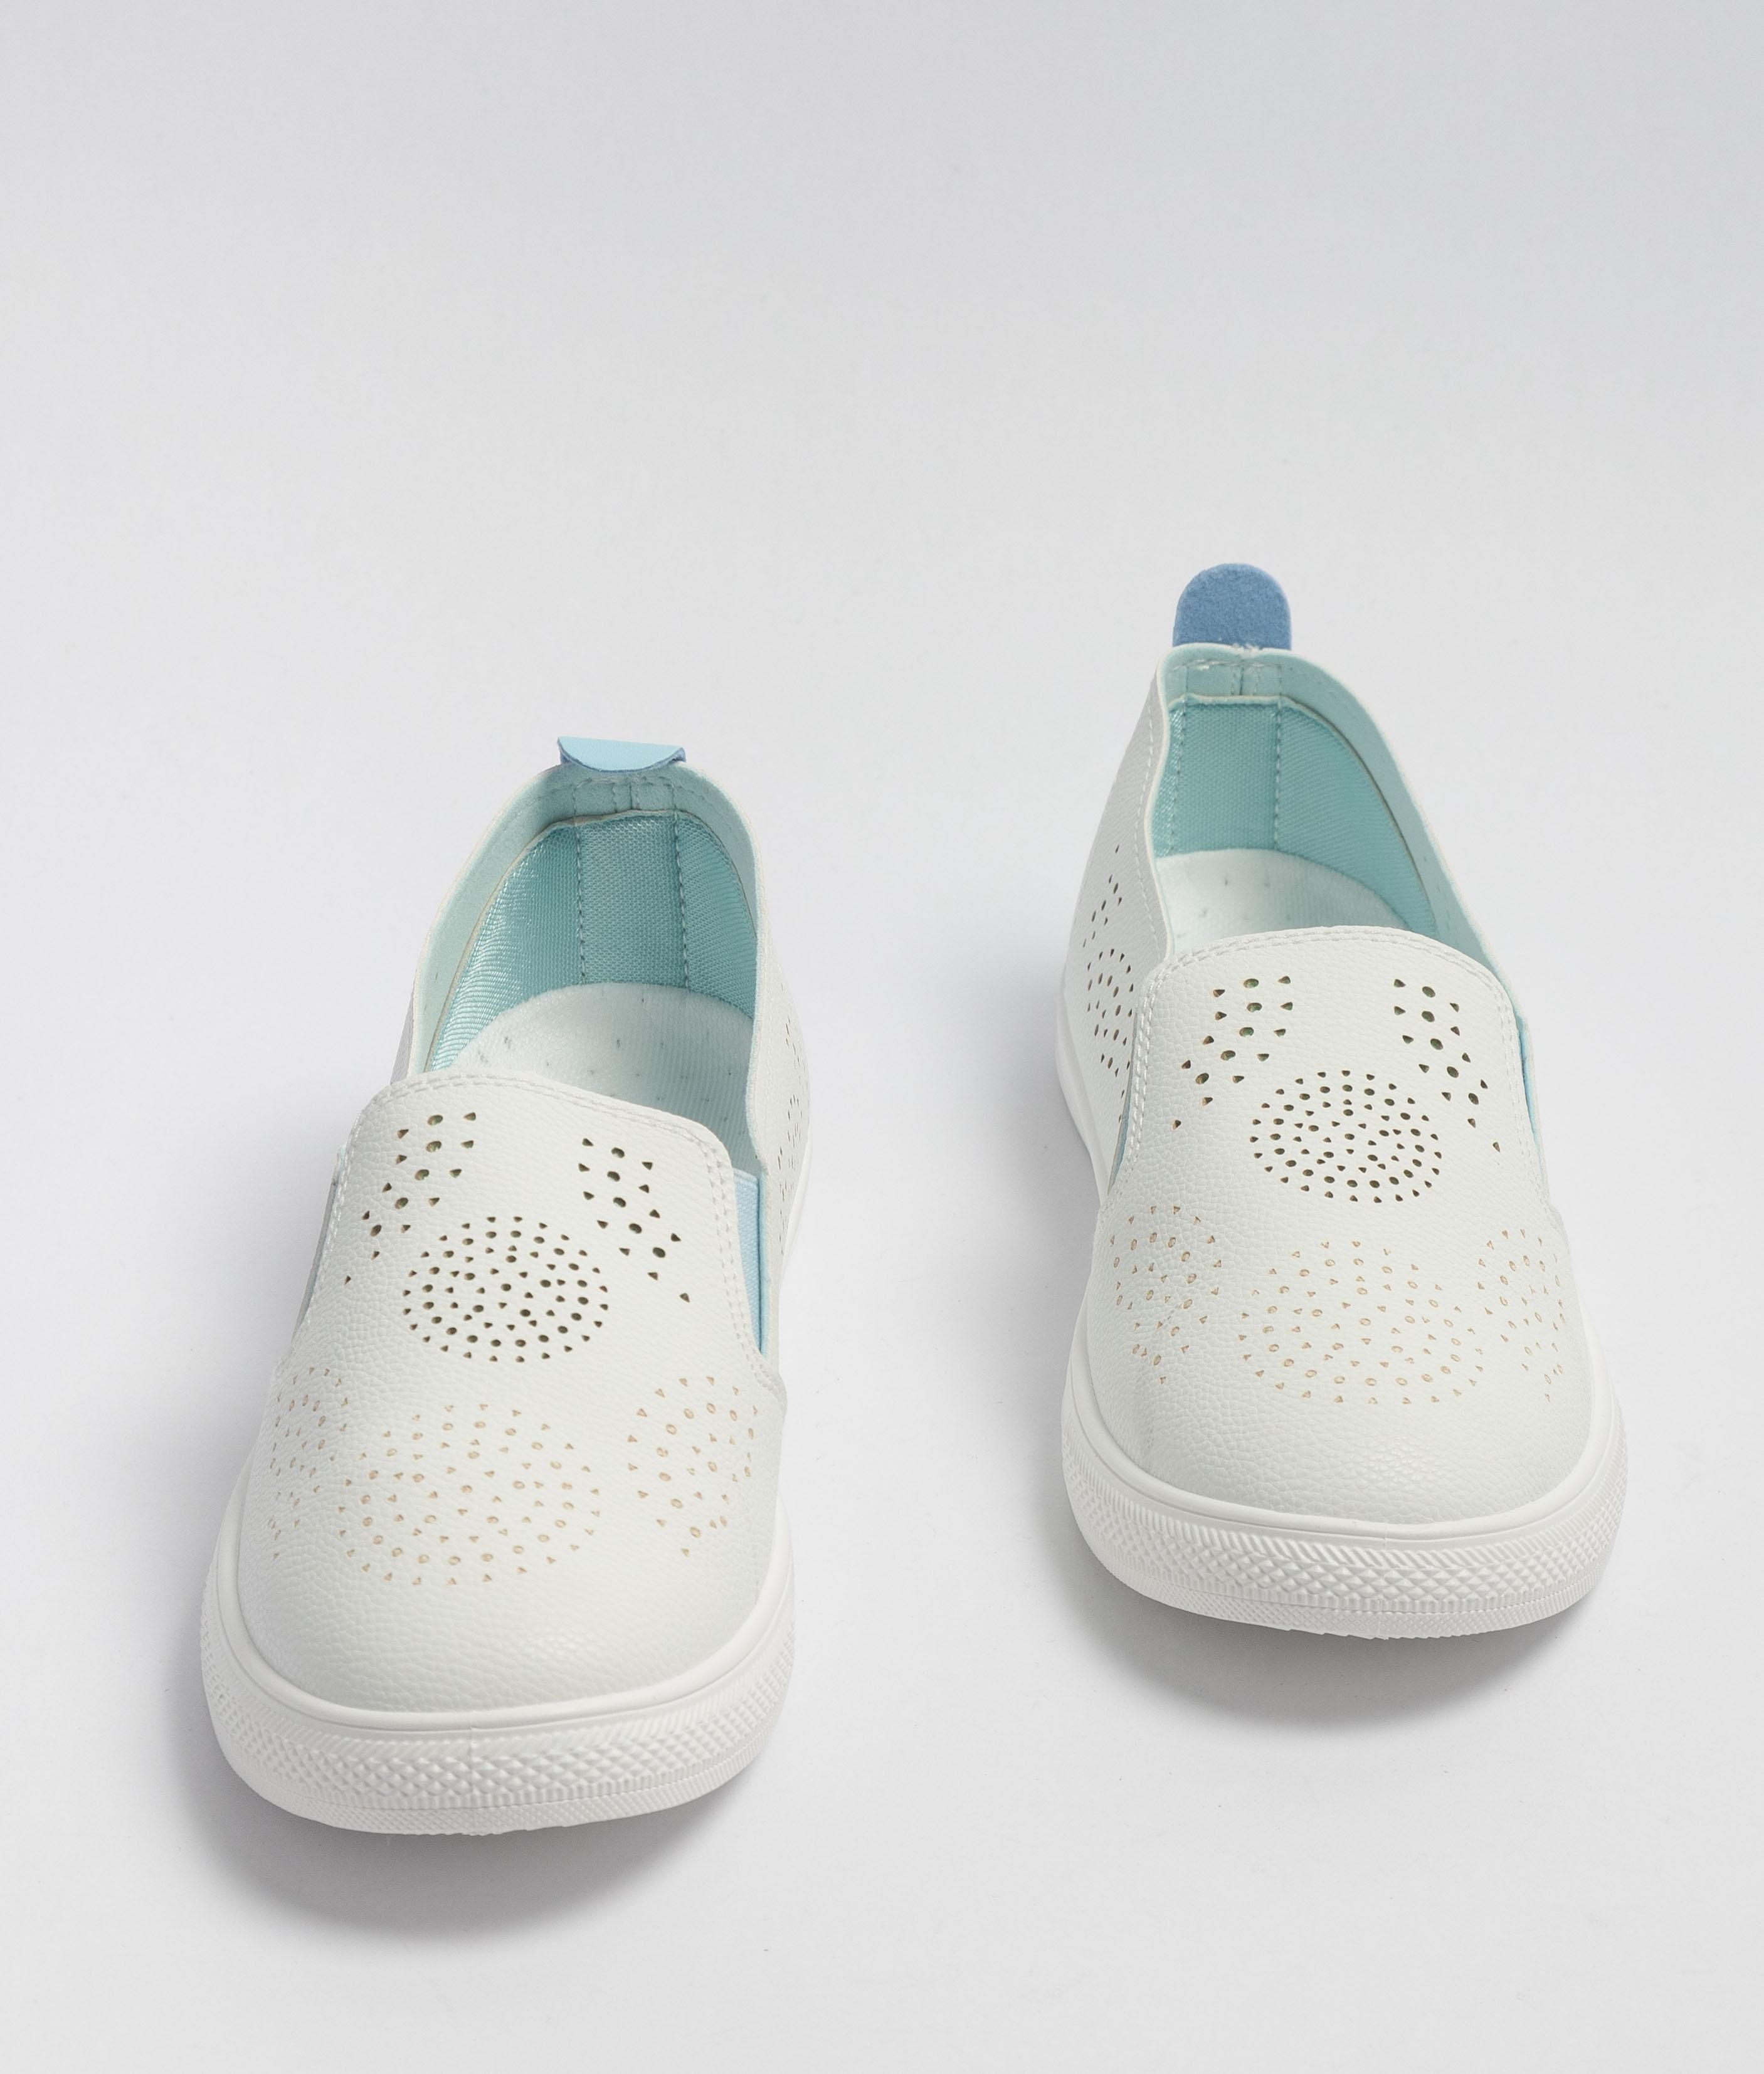 Sneakers Chery - Light Blue